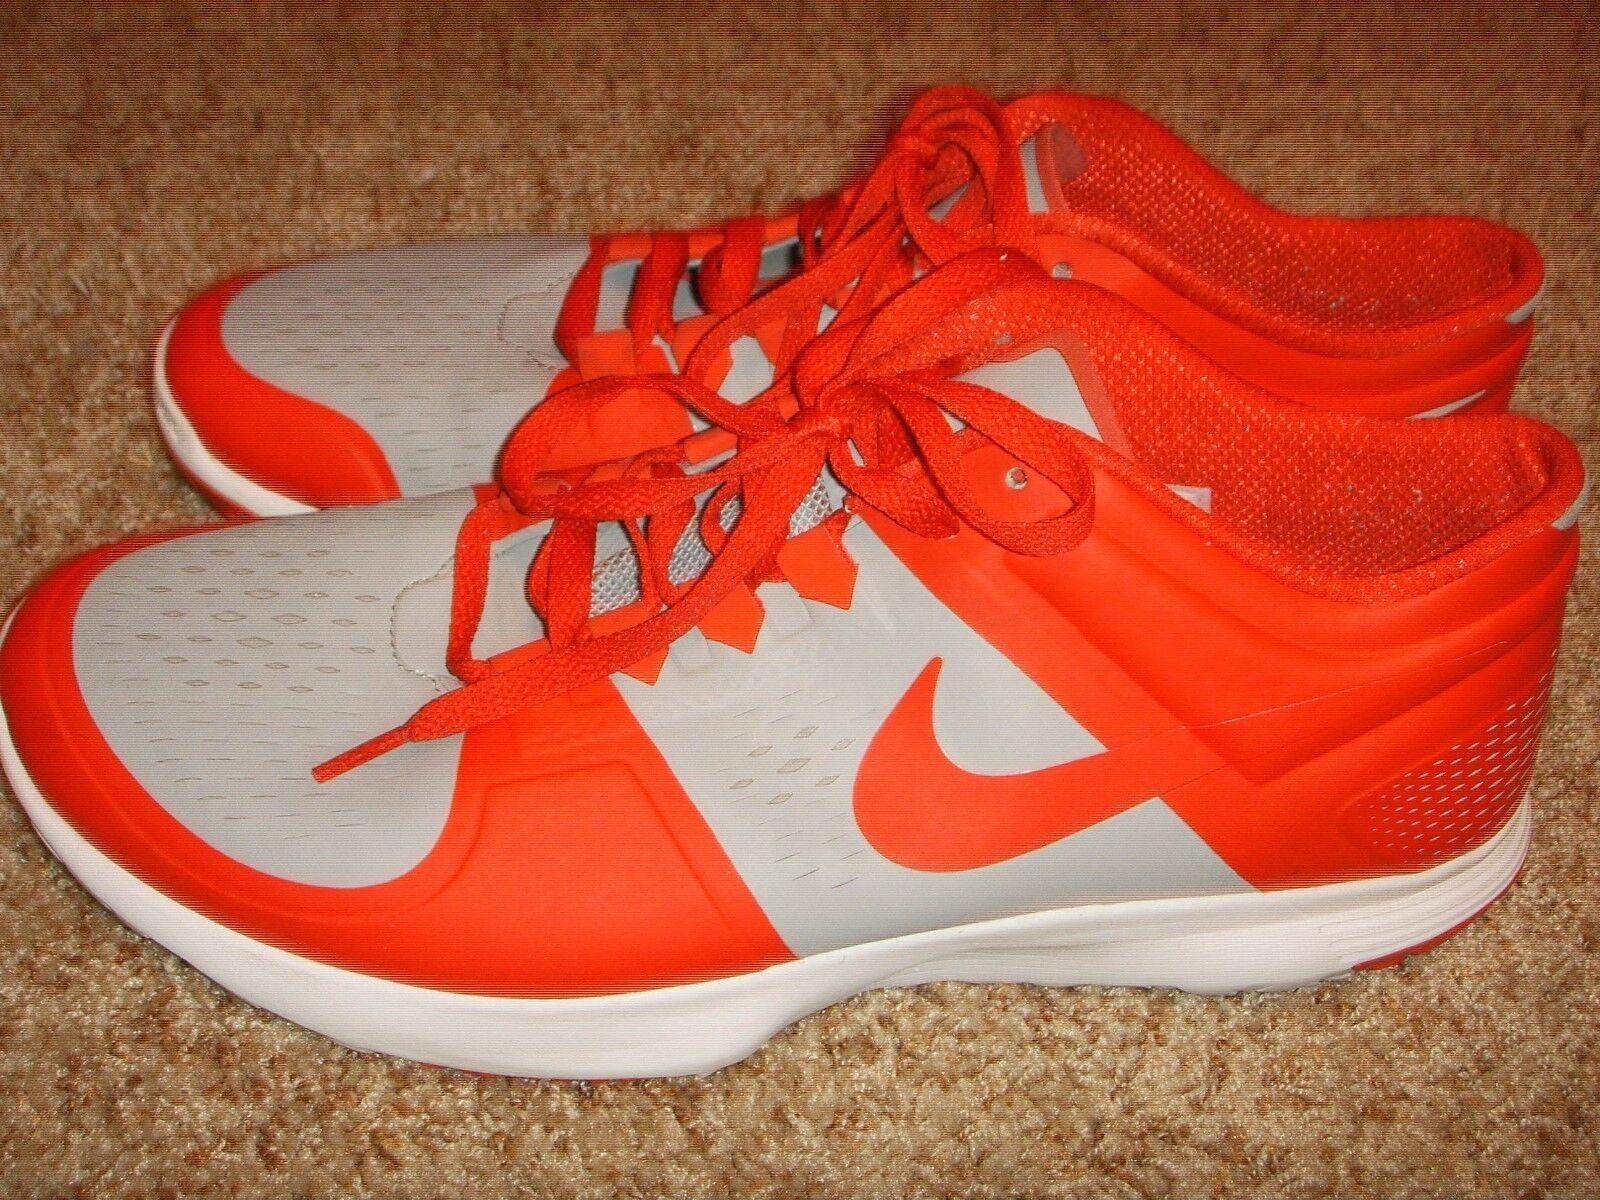 nike fs light red trainer scarpe 615972 013 mens numero numero numero 13 | On Line  | Uomini/Donna Scarpa  91eb9d